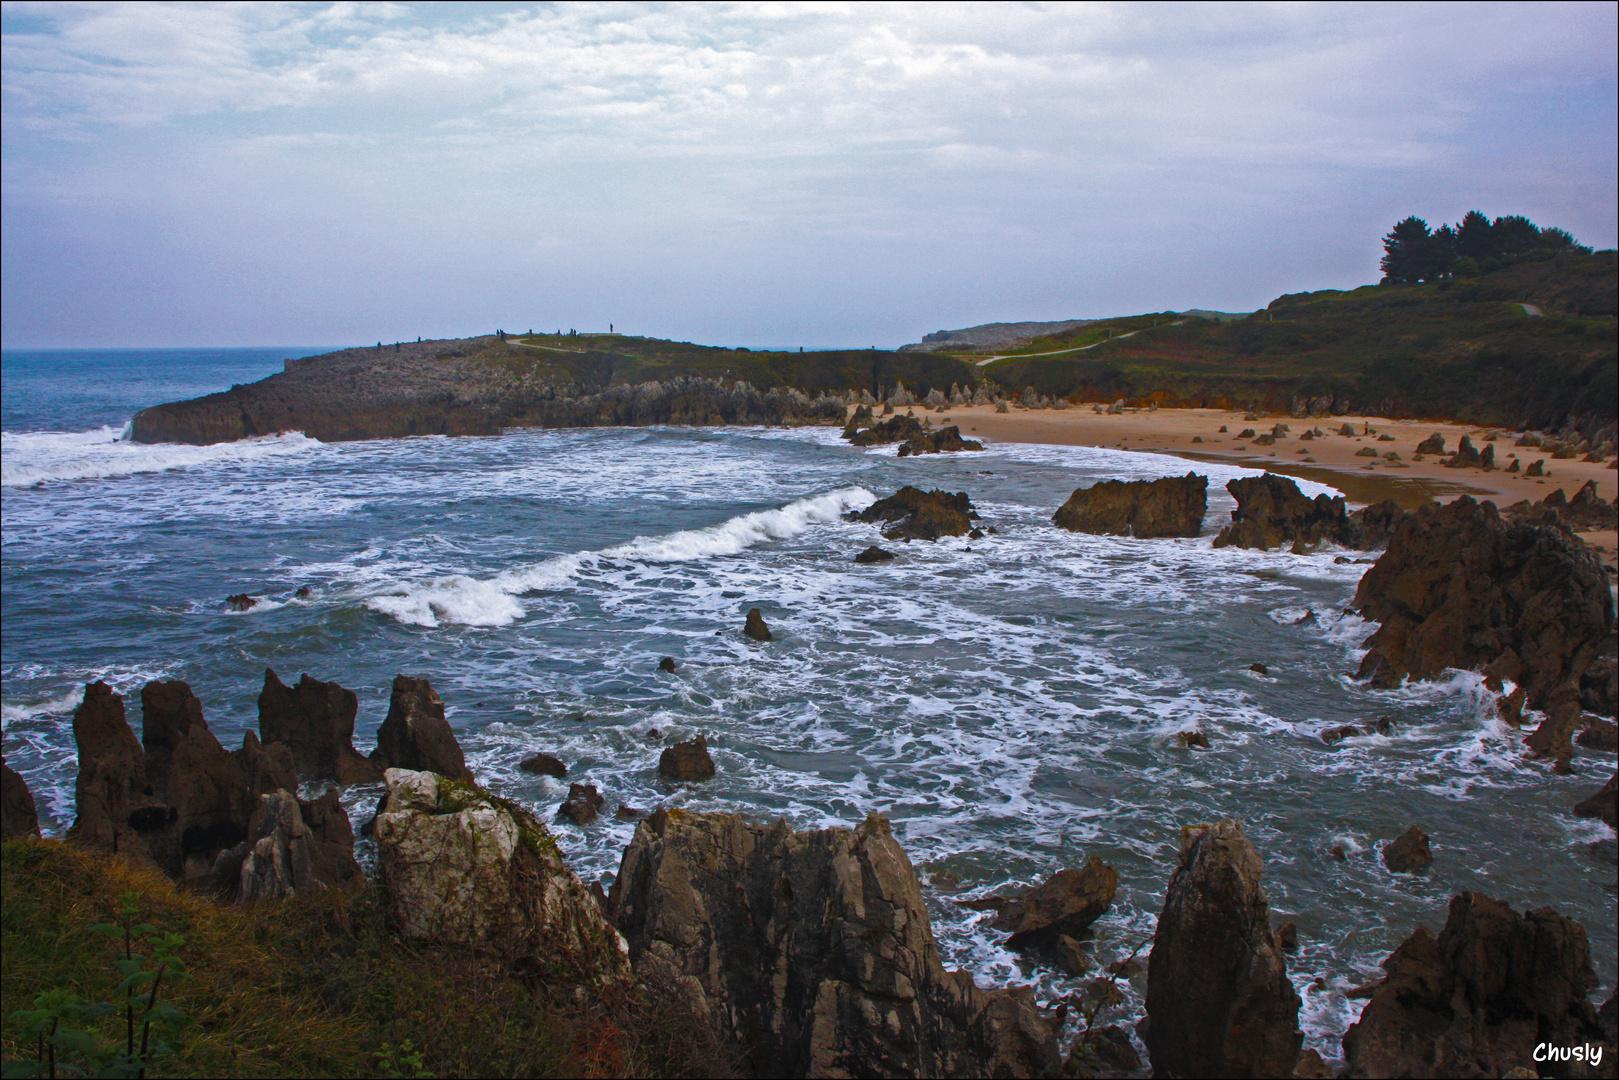 Costa asturiana 2